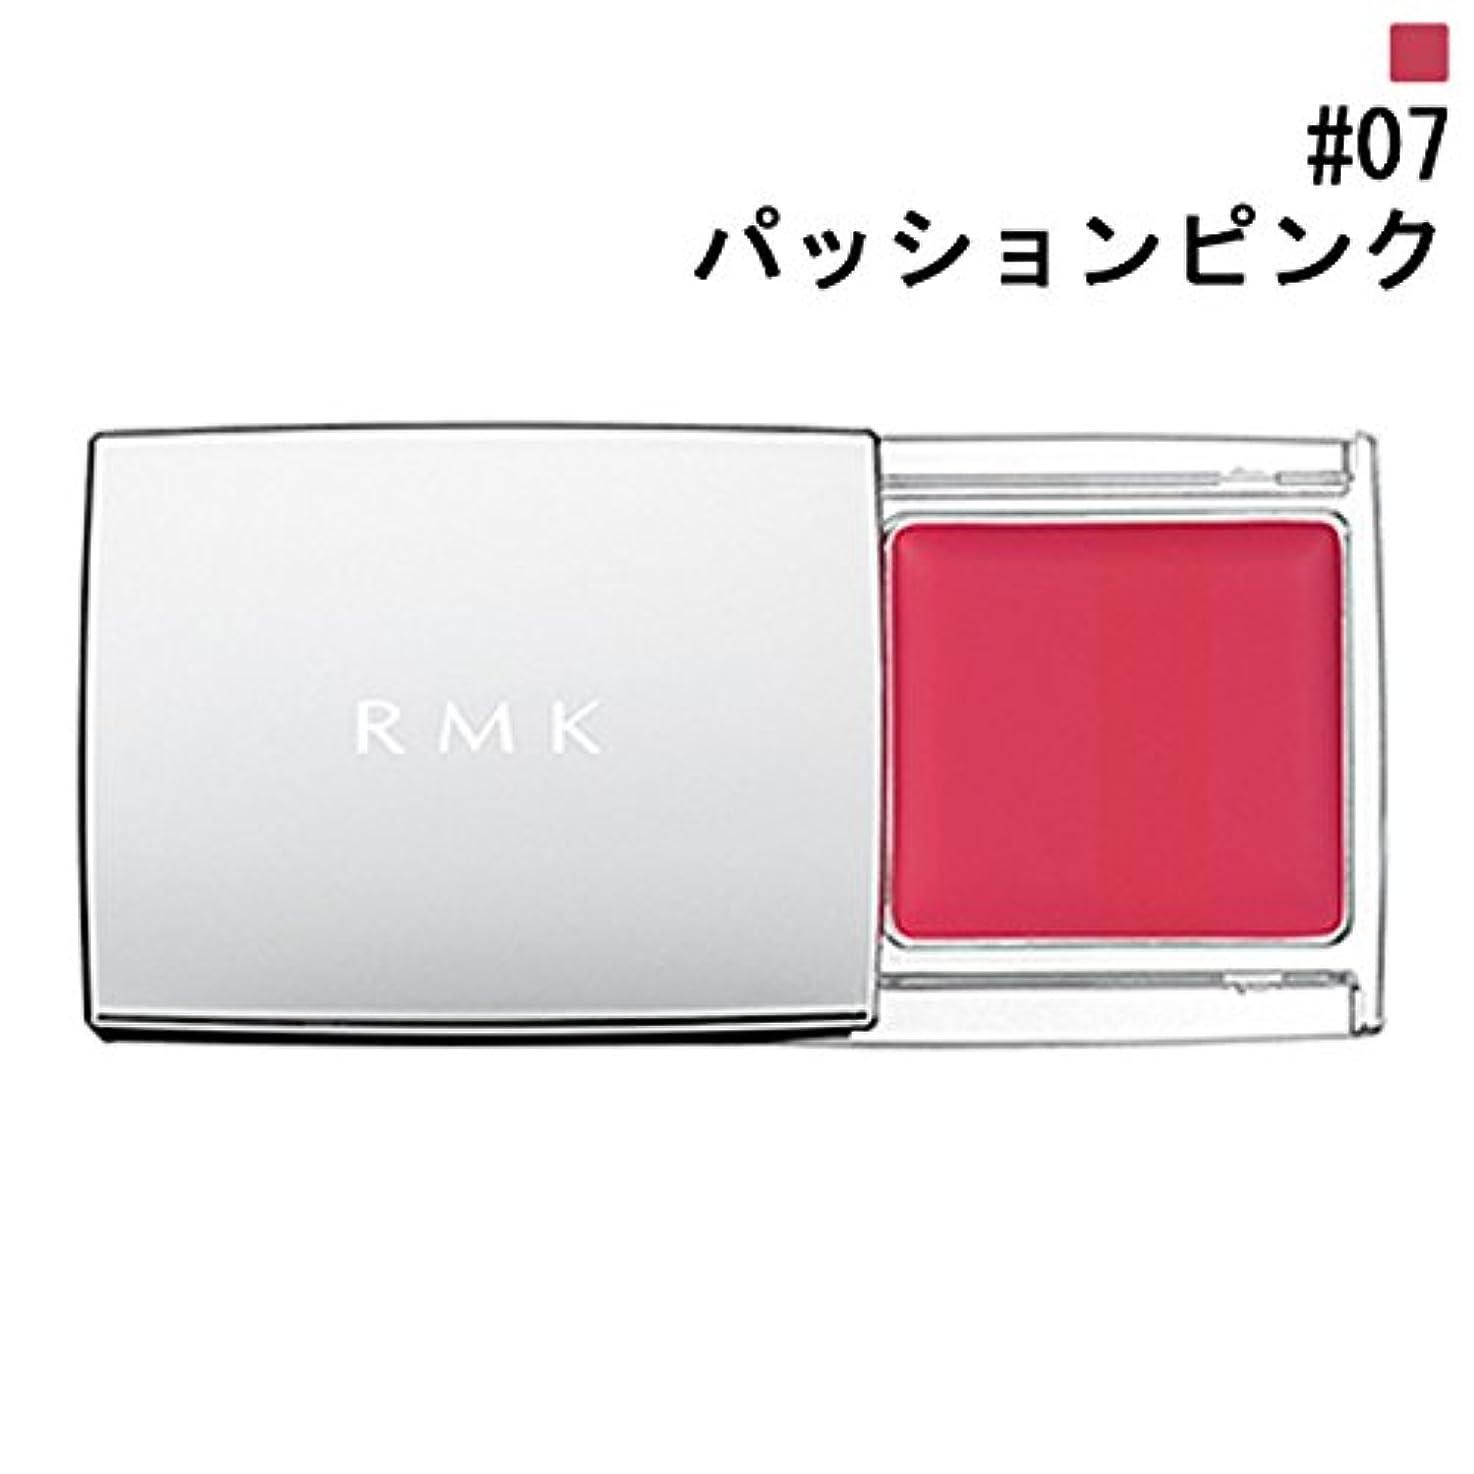 馬鹿ジャンプする絶対の【RMK (ルミコ)】RMK マルチペイントカラーズ #07 パッションピンク 1.5g